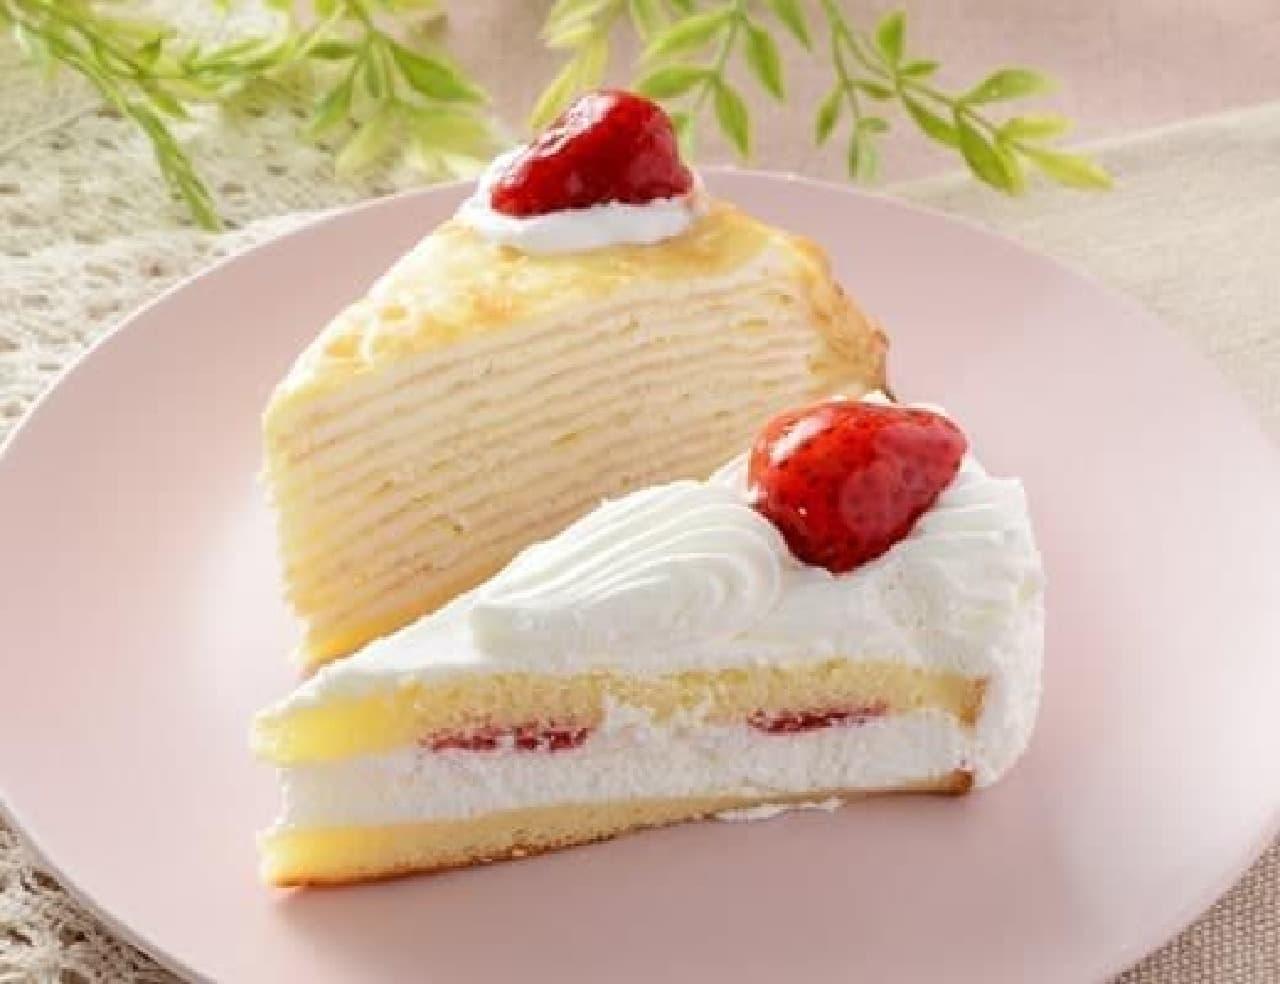 ローソン「苺のショートケーキ&苺ミルクレープ」